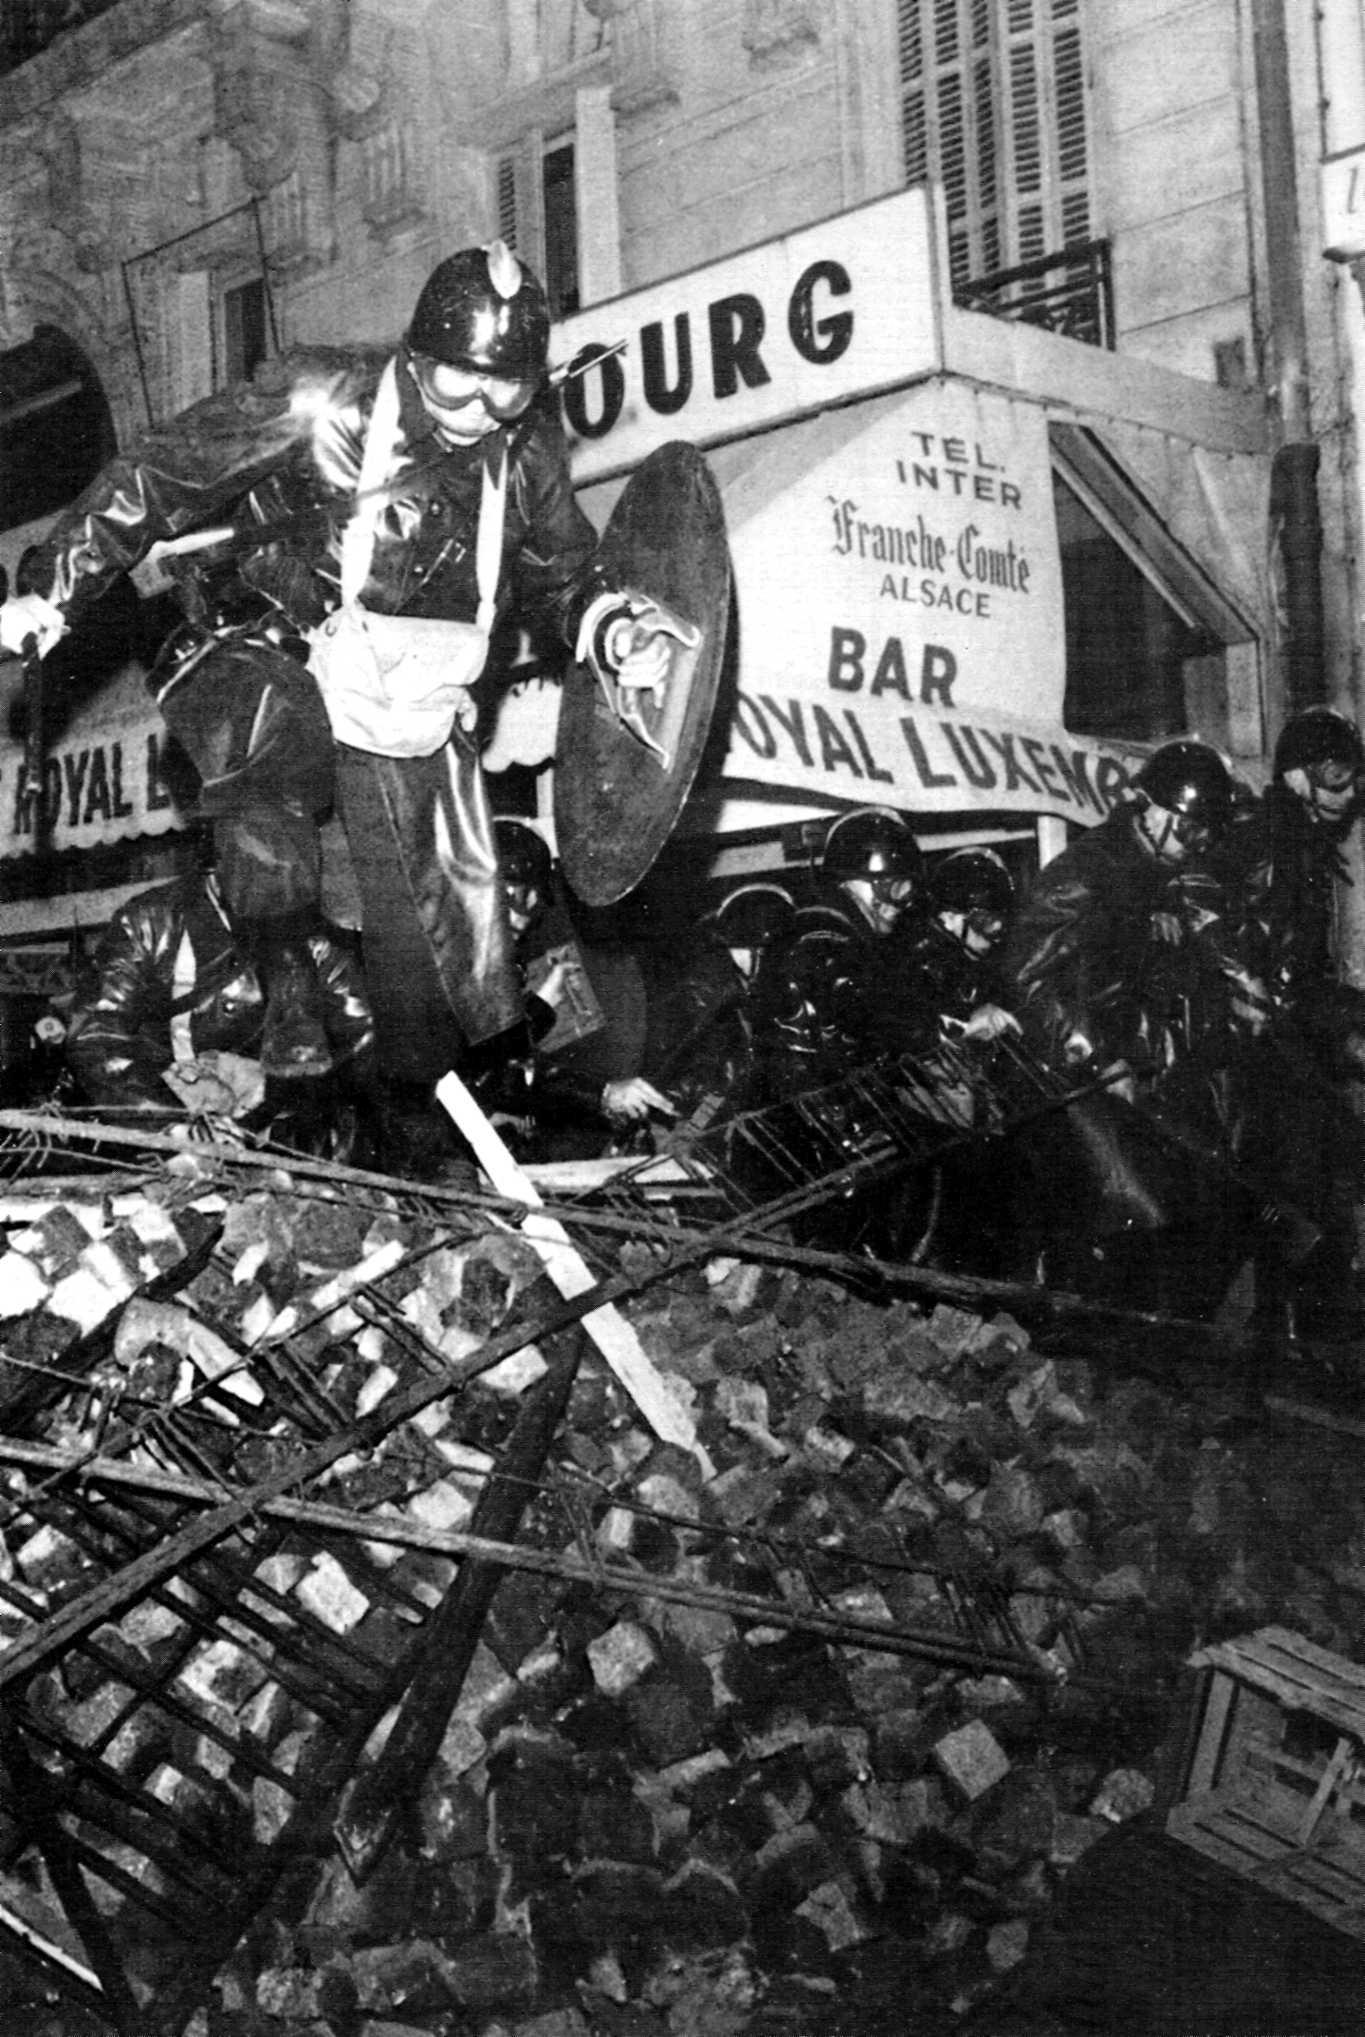 Asalto policial a las barricadas de la calle parisiense de Guy-Lussac (2.05 de la madrugada del 11 de mayo de 1968)